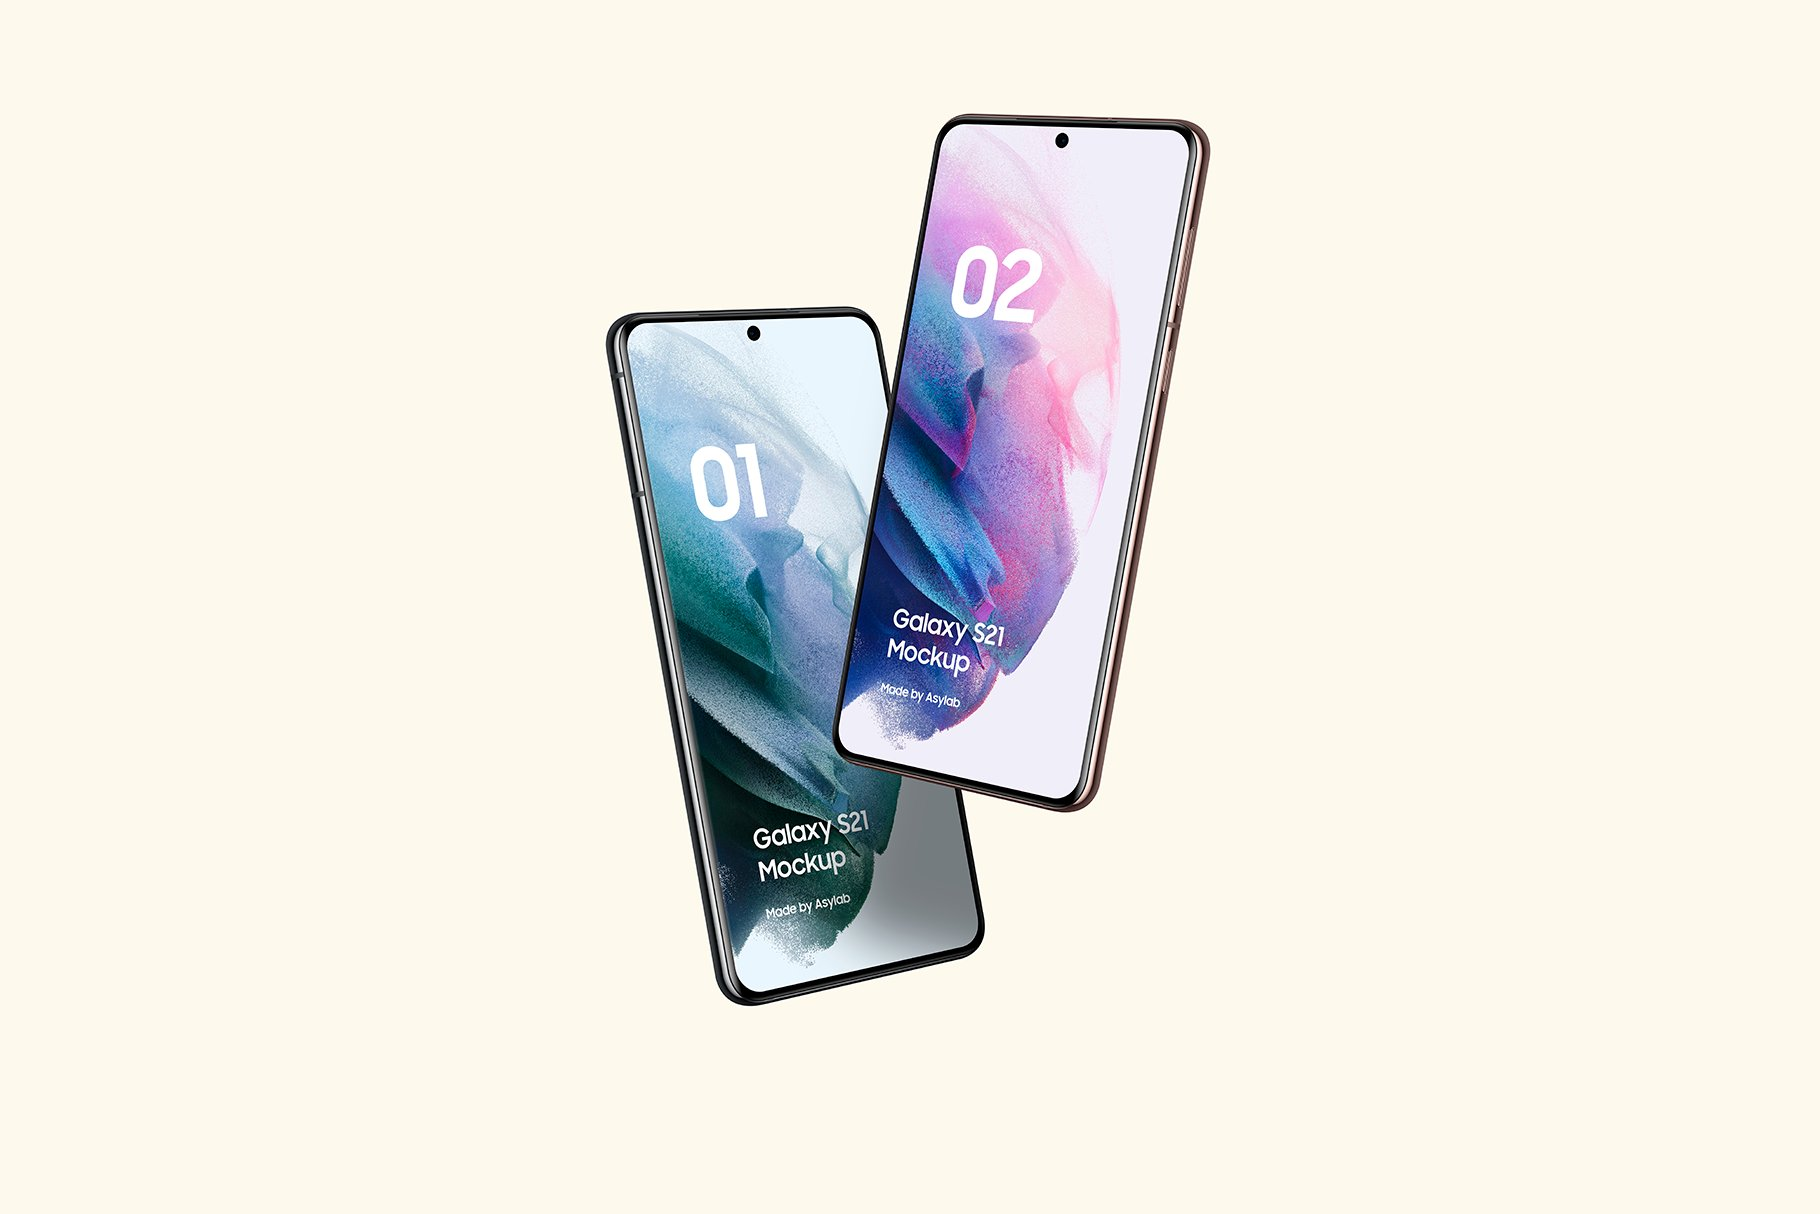 [单独购买] 20款三星Galaxy S21手机网站APP界面设计演示样机模板套件 Galaxy S21 – 20 Mockups Scenes插图38